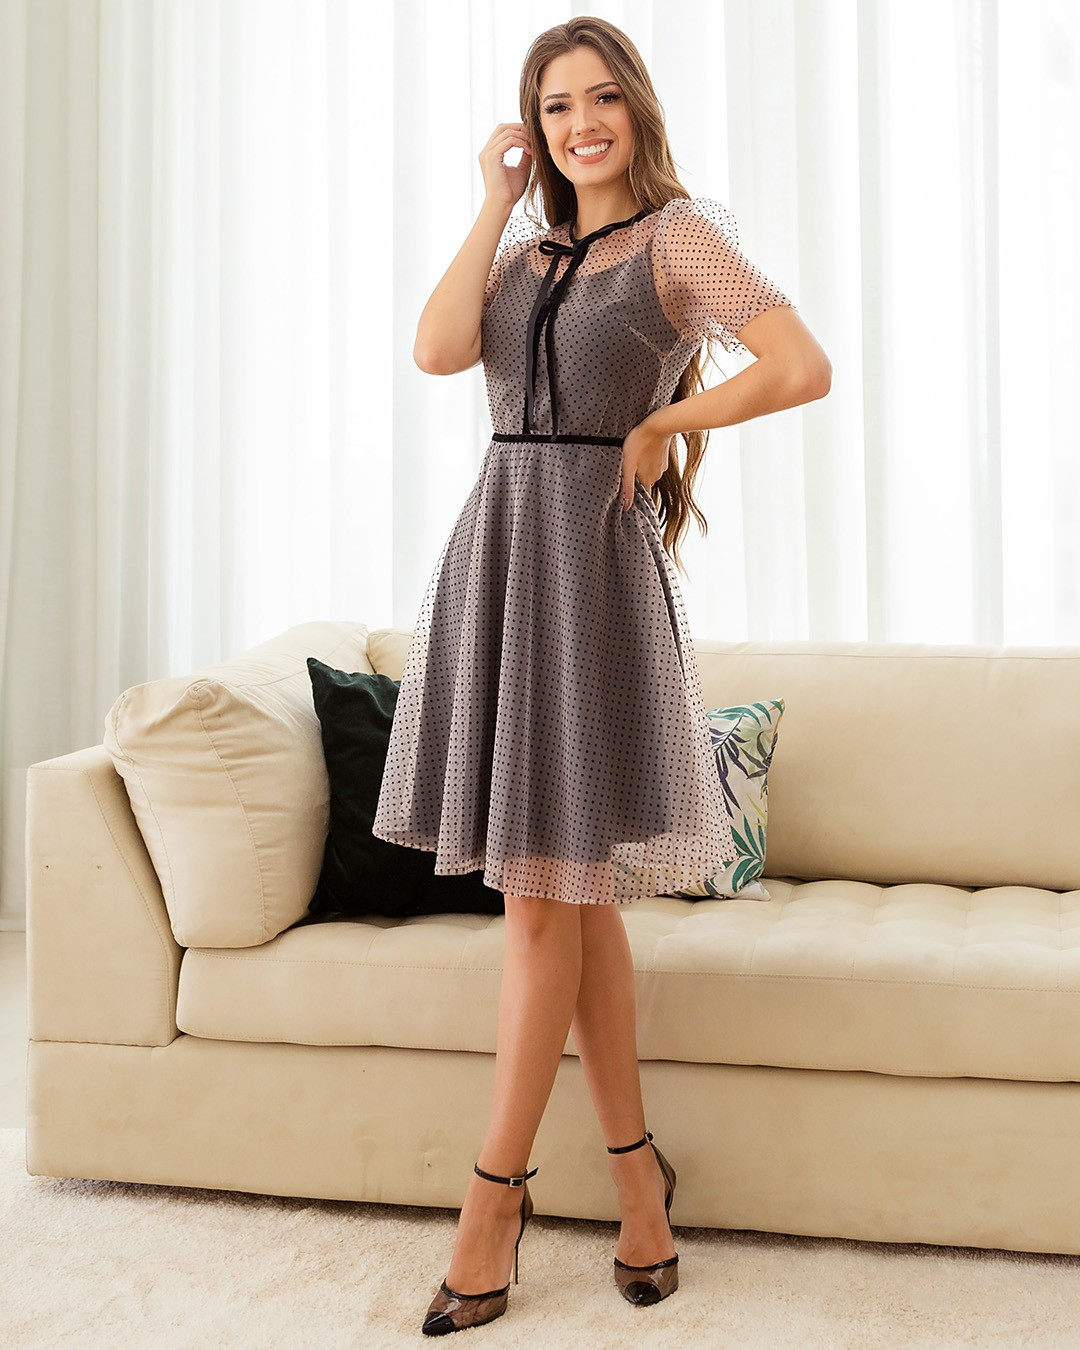 Vestido Lady Like Organza Poá Az Irmãs Moda Evangélica